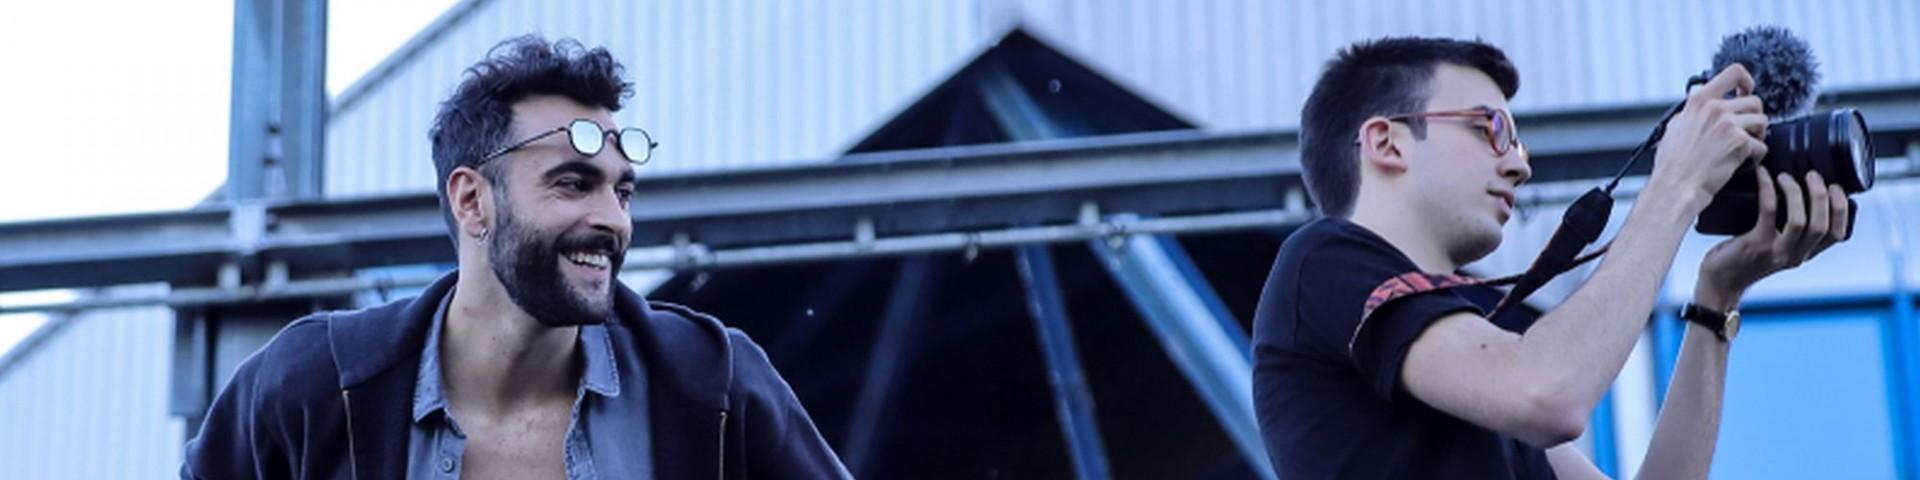 Marco Mengoni in concerto a Roma - 8-10-11 maggio